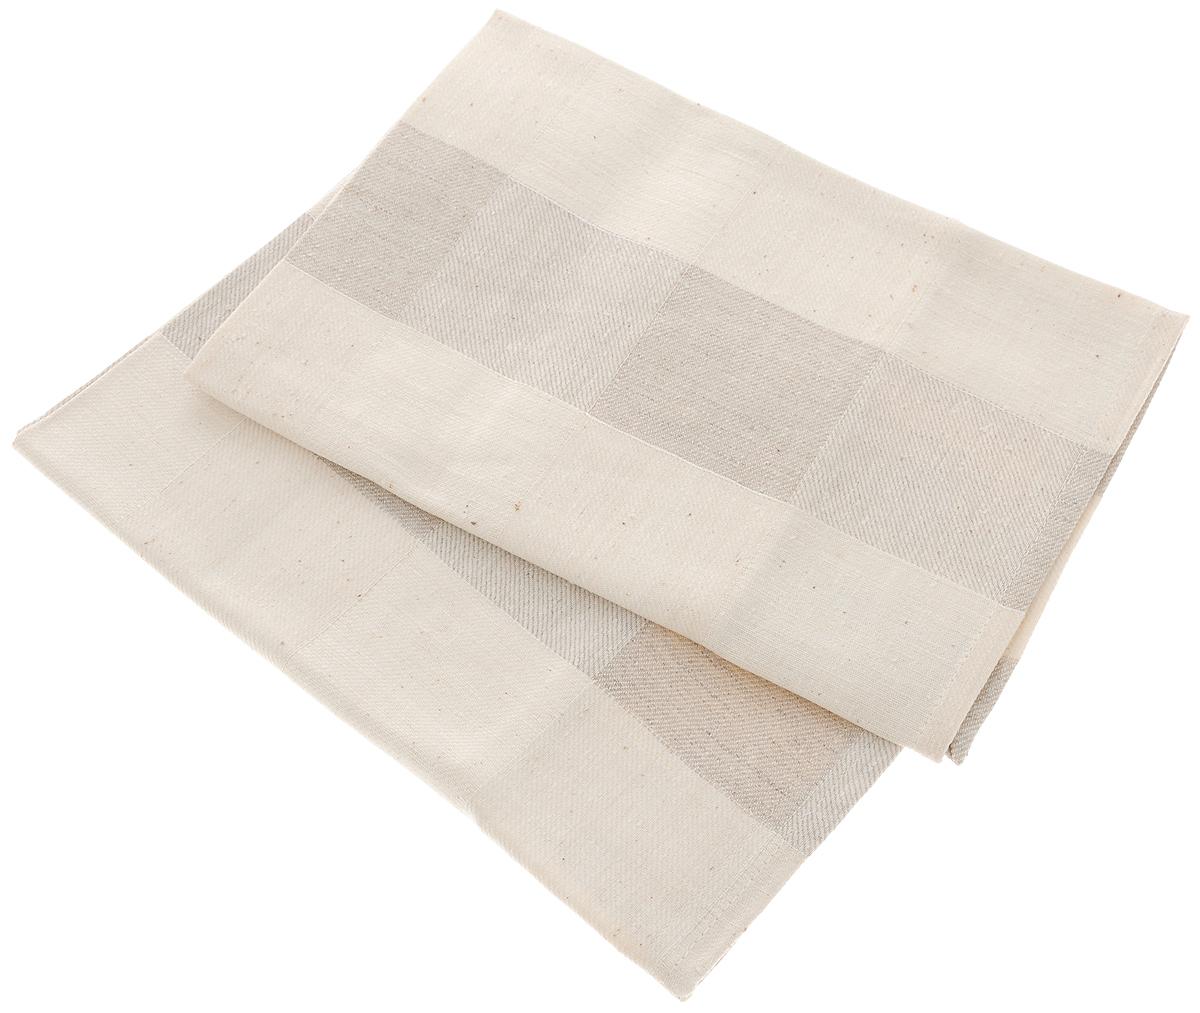 Полотенце в сауну Гаврилов-Ямский Лен, 45 x 55 см, 2 шт1со2959Полотенце Гаврилов-Ямский Лен, выполненное из 54% хлопка и 46% льна, отлично подойдет для сауны. Лён - поистине, уникальный экологически чистый материал. Изделия из льна обладают уникальными потребительскими свойствами. Такое полотенце порадует вас невероятно долгим сроком службы. В комплекте 2 полотенца.